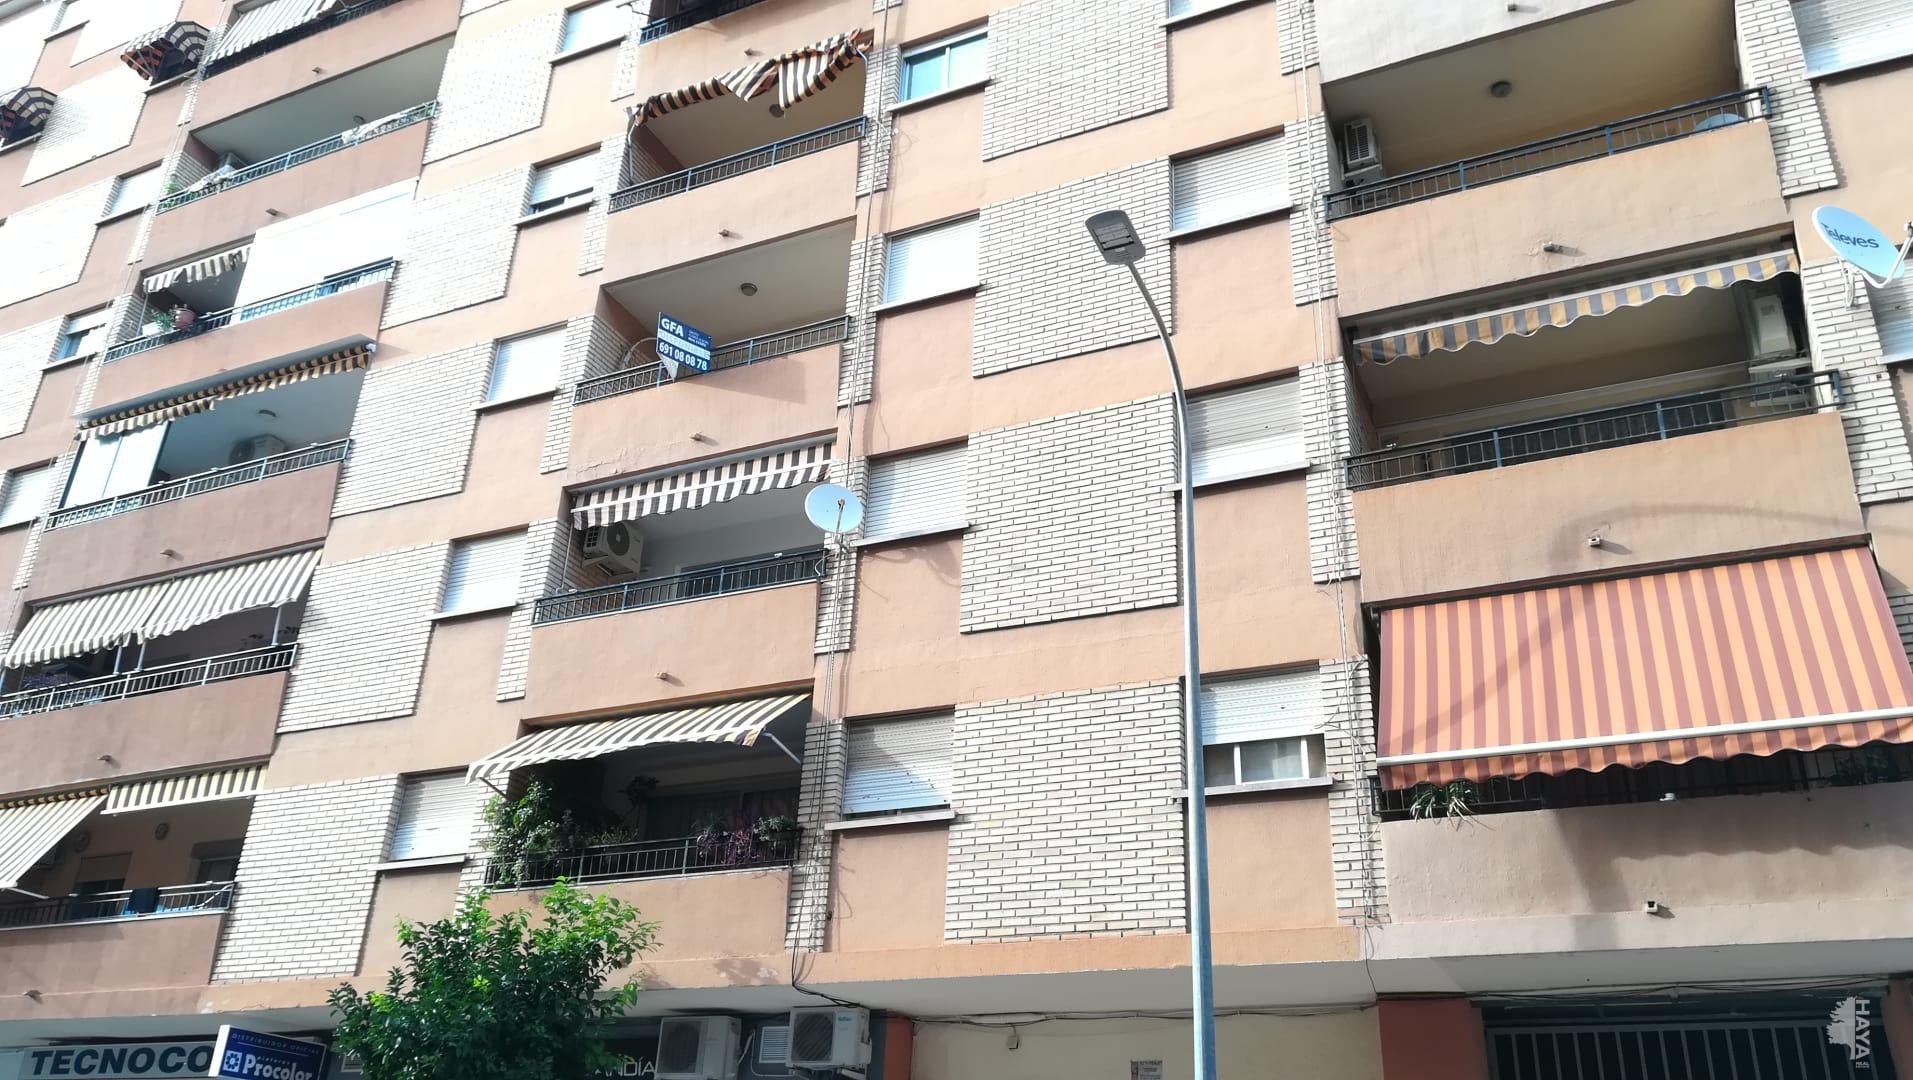 Piso en venta en Gandia, Valencia, Calle Juan de Juanes, 107.000 €, 3 habitaciones, 1 baño, 123 m2